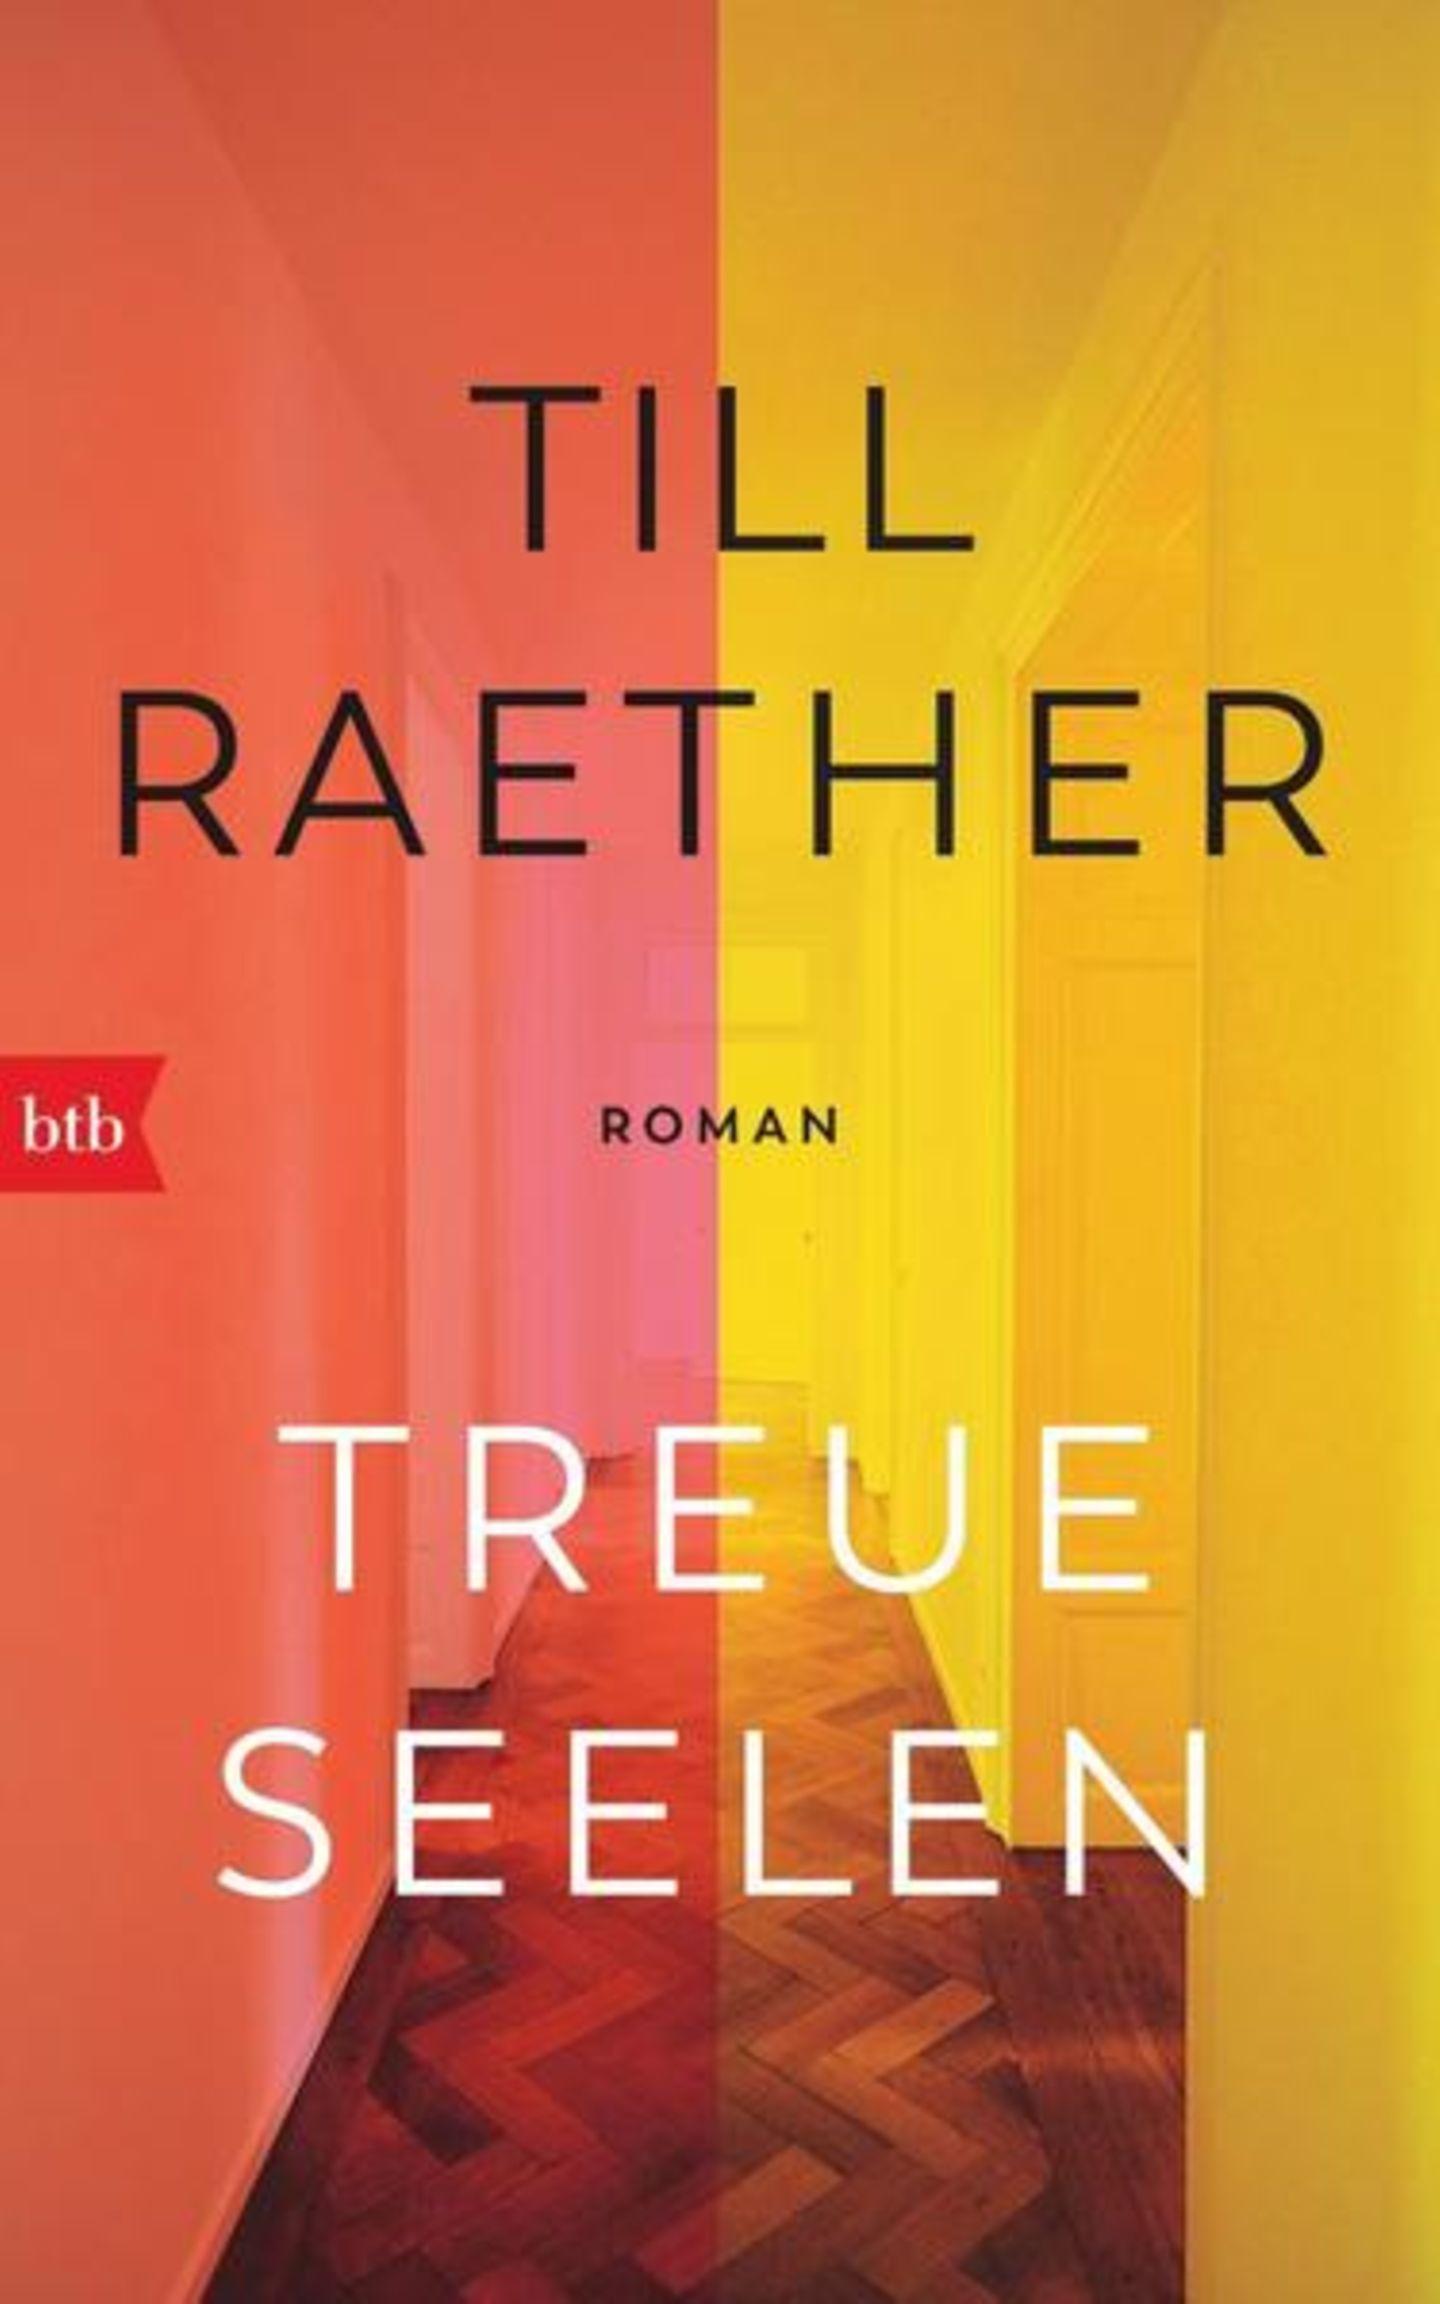 """Urlaubslektüre: """"Treue Seelen"""" von Till Raether"""